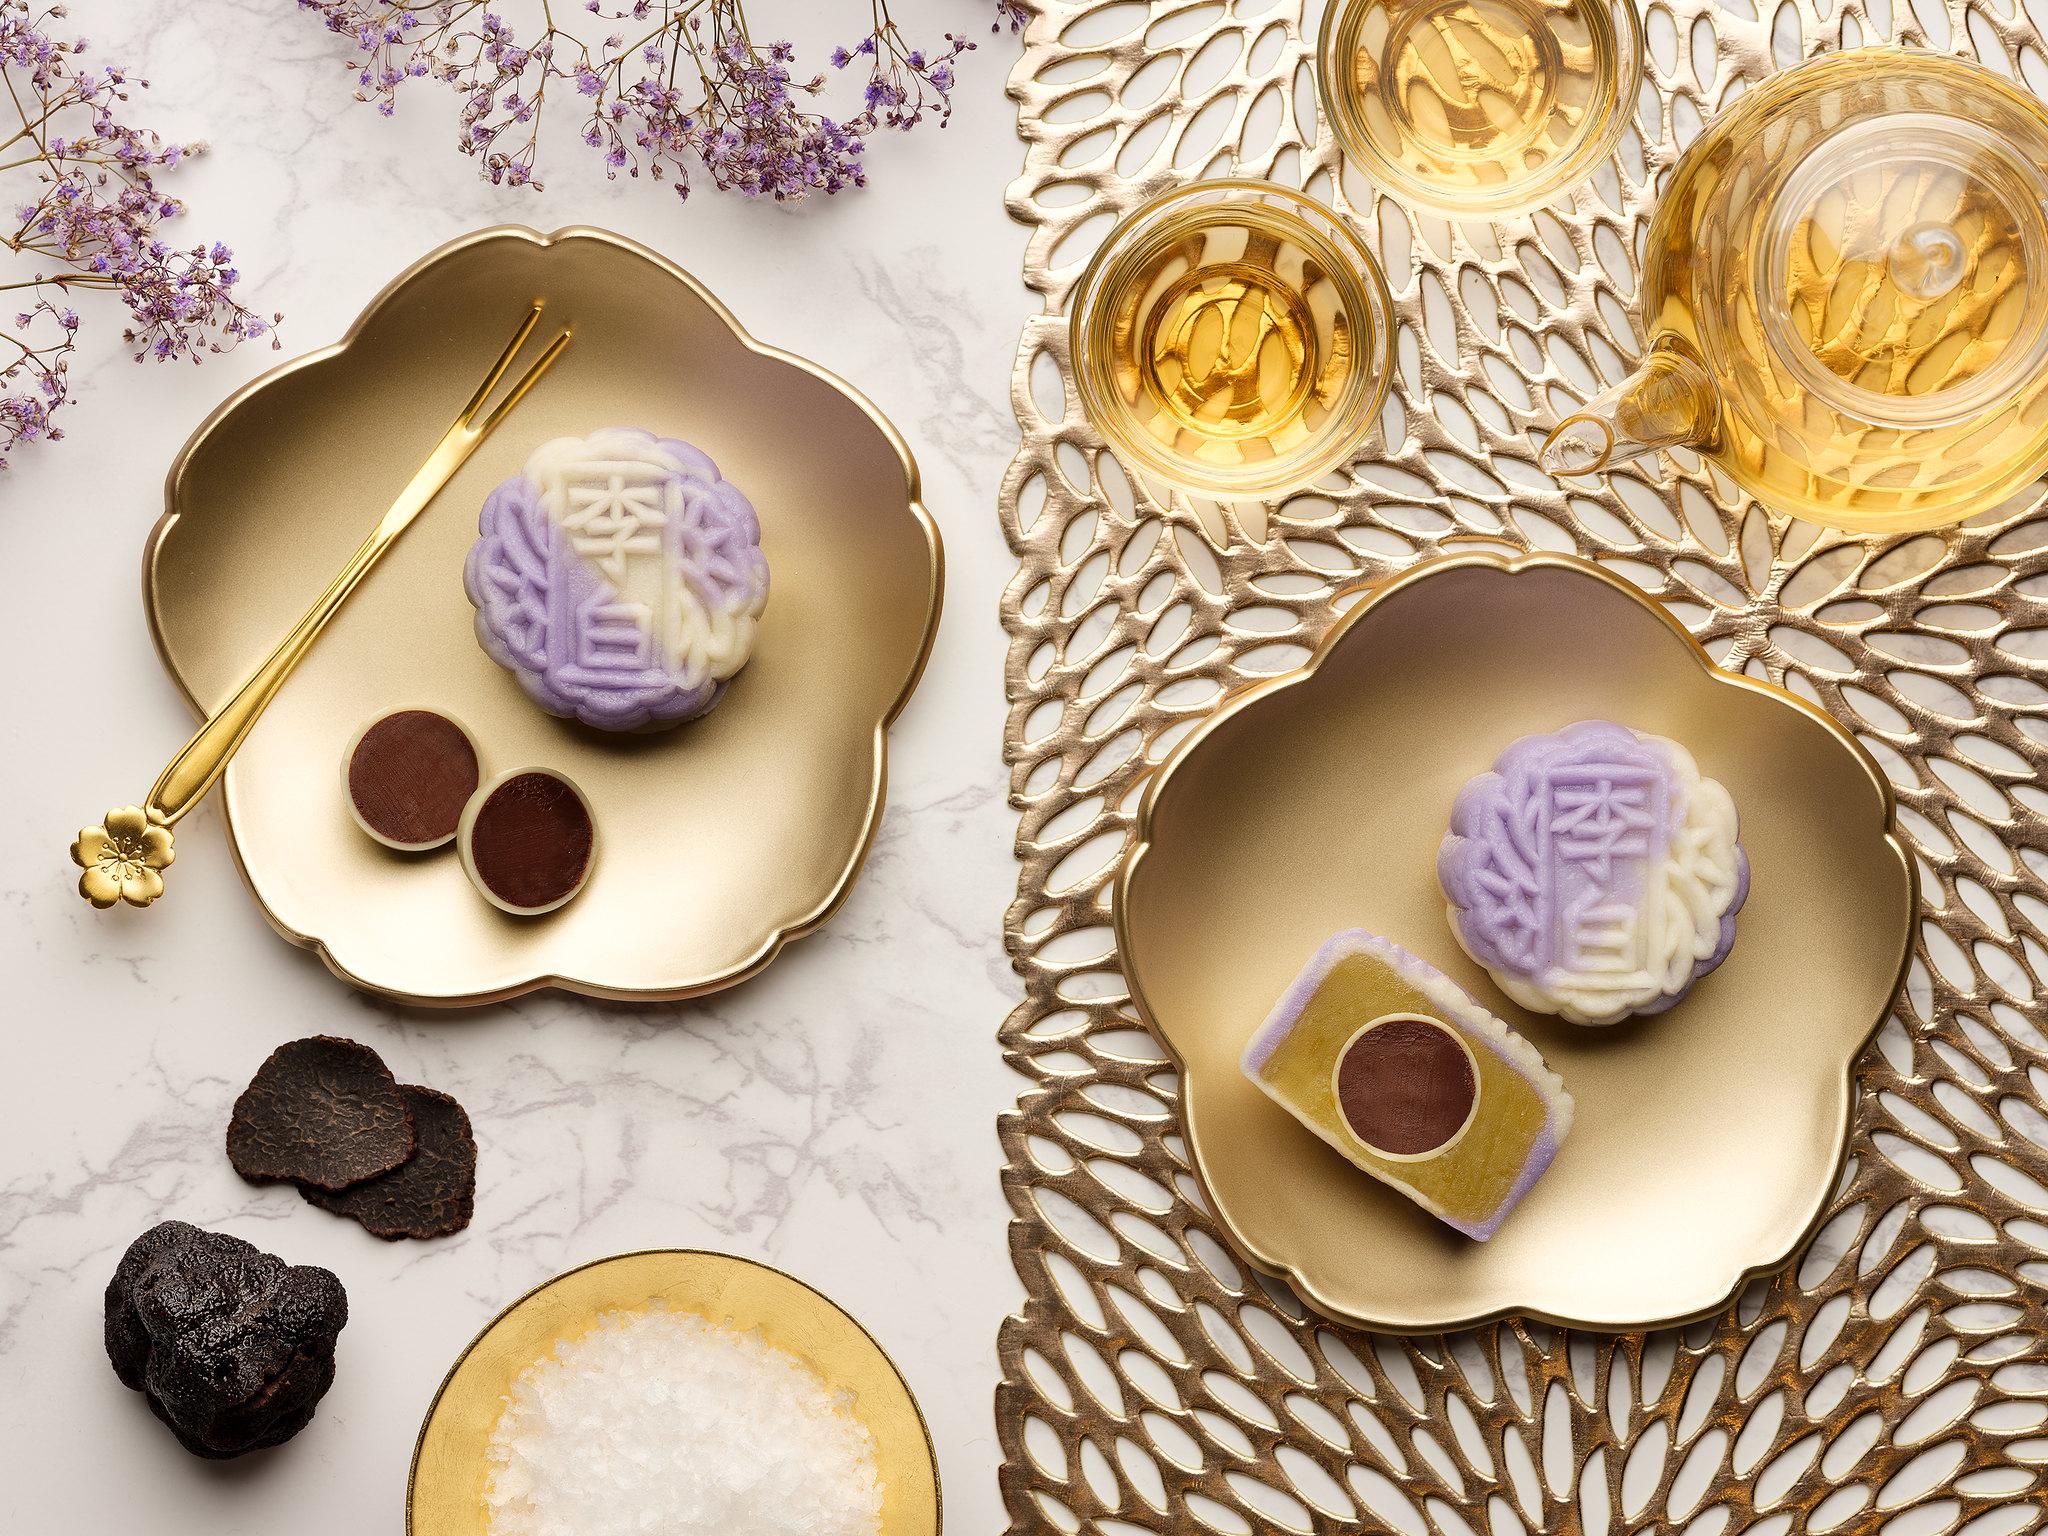 Sheraton Towers Singapore - Mini Snow Skin Sea Salt Truffle Dark Chocolate with White Lotus Seed Paste